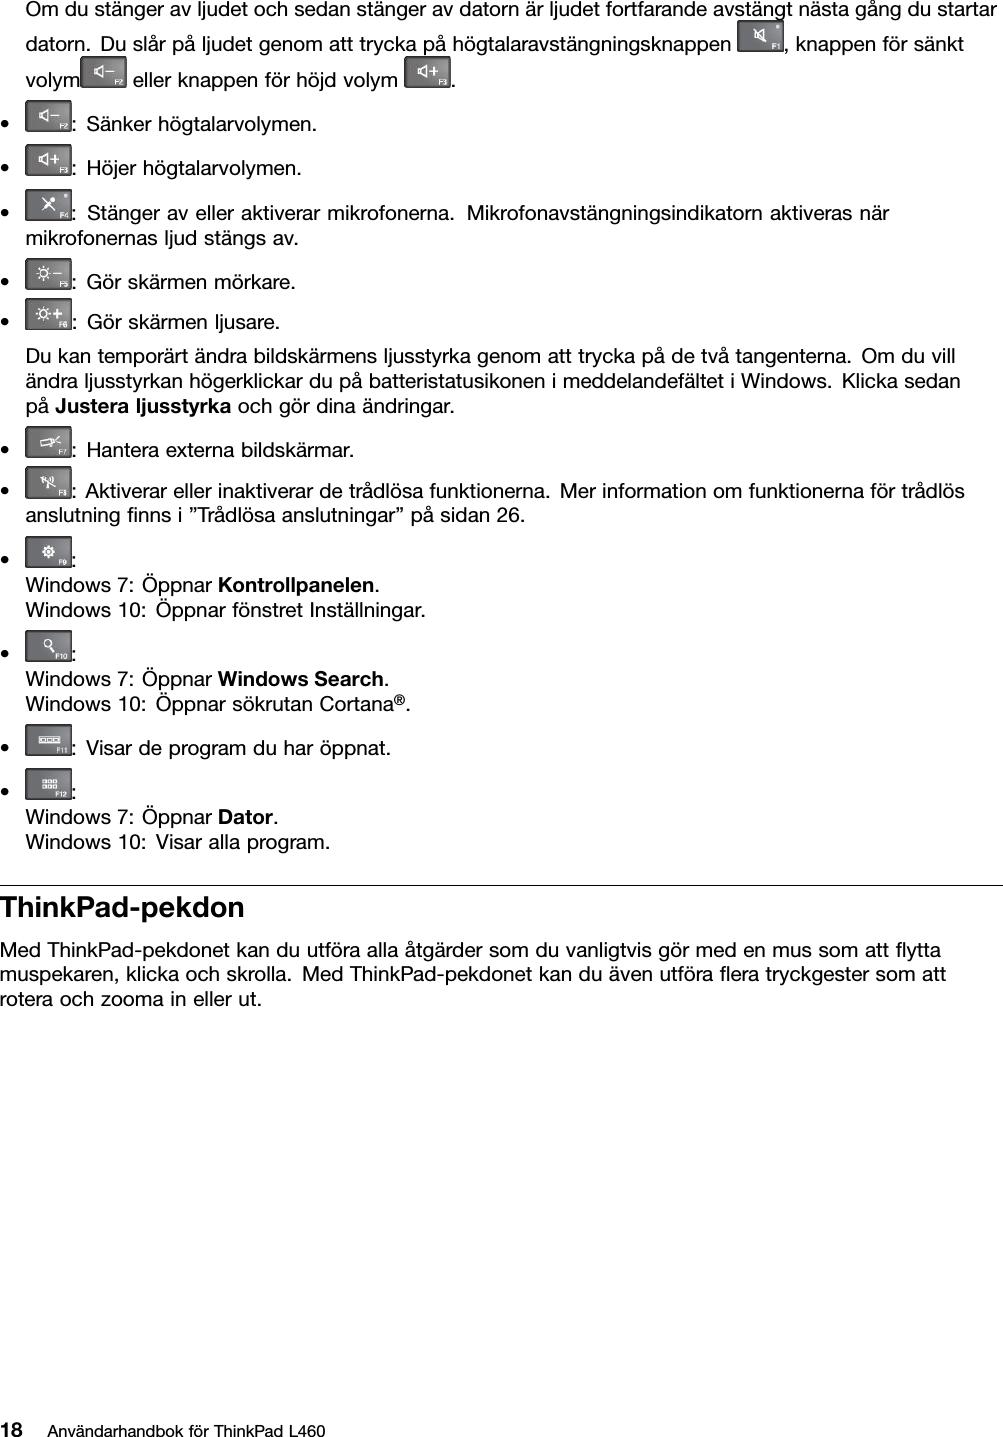 Lenovo L460 Ug Sv User Manual – Meta Morphoz